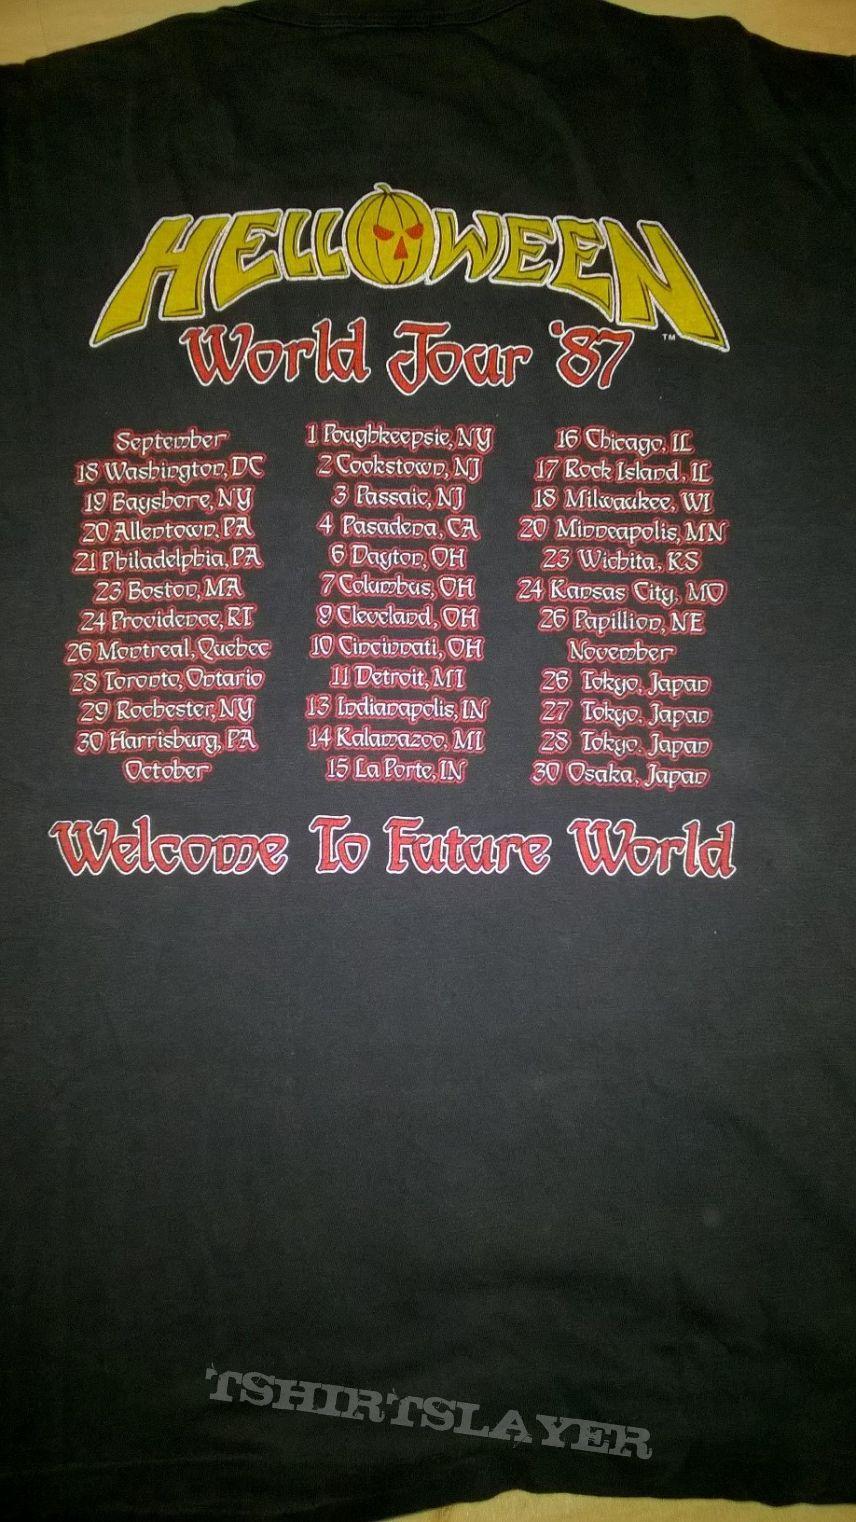 Helloween - World Tour '87